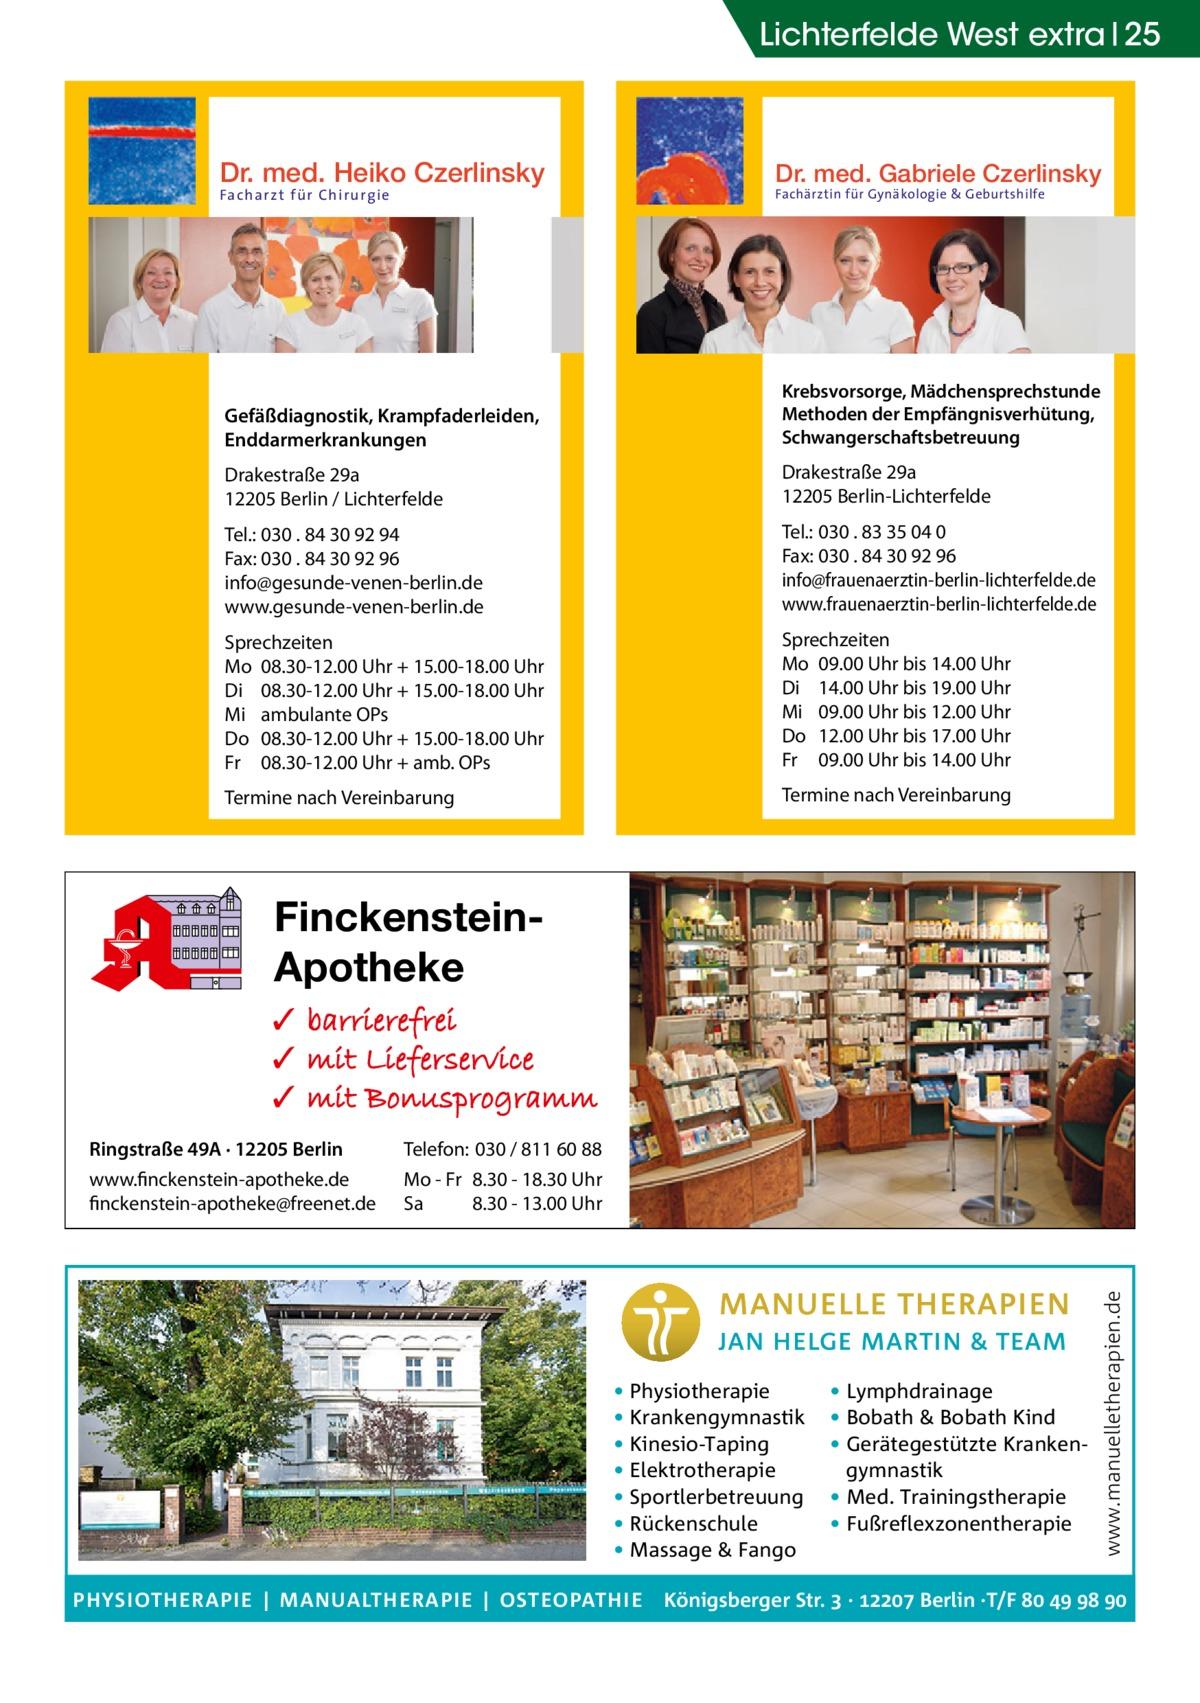 Lichterfelde West extra 25  Dr. med. Heiko Czerlinsky  Dr. med. Gabriele Czerlinsky  Gefäßdiagnostik, Krampfaderleiden, Enddarmerkrankungen  Krebsvorsorge, Mädchensprechstunde Methoden der Empfängnisverhütung, Schwangerschaftsbetreuung  Drakestraße 29a 12205 Berlin / Lichterfelde  Drakestraße 29a 12205 Berlin-Lichterfelde  Tel.: 030 . 84 30 92 94 Fax: 030 . 84 30 92 96 info@gesunde-venen-berlin.de www.gesunde-venen-berlin.de  Tel.: 030 . 83 35 04 0 Fax: 030 . 84 30 92 96 info@frauenaerztin-berlin-lichterfelde.de www.frauenaerztin-berlin-lichterfelde.de  Sprechzeiten Mo 08.30-12.00 Uhr + 15.00-18.00 Uhr Di 08.30-12.00 Uhr + 15.00-18.00 Uhr Mi ambulante OPs Do 08.30-12.00 Uhr + 15.00-18.00 Uhr Fr 08.30-12.00 Uhr + amb. OPs  Sprechzeiten Mo 09.00 Uhr bis 14.00 Uhr Di 14.00 Uhr bis 19.00 Uhr Mi 09.00 Uhr bis 12.00 Uhr Do 12.00 Uhr bis 17.00 Uhr Fr 09.00 Uhr bis 14.00 Uhr  Termine nach Vereinbarung  Termine nach Vereinbarung  Facharzt für Chirurgie  eke OHG  Fachärztin für Gynäkologie & Geburtshilfe  8  FinckensteinApotheke  Ringstraße 49A · 12205 Berlin  Telefon: 030 / 811 60 88  www.finckenstein-apotheke.de finckenstein-apotheke@freenet.de  Mo - Fr 8.30 - 18.30 Uhr Sa 8.30 - 13.00 Uhr  • Physiotherapie • Krankengymnastik • Kinesio-Taping • Elektrotherapie • Sportlerbetreuung • Rückenschule • Massage & Fango PHYSIOTHERAPIE | MANUALTHERAPIE | OSTEOPATHIE  • Lymphdrainage • Bobath & Bobath Kind • Gerätegestützte Krankengymnastik • Med. Trainingstherapie • Fußreflexzonentherapie  www.manuelletherapien.de  ✓ ✓ ✓  Königsberger Str.  ·  Berlin ·T/F    